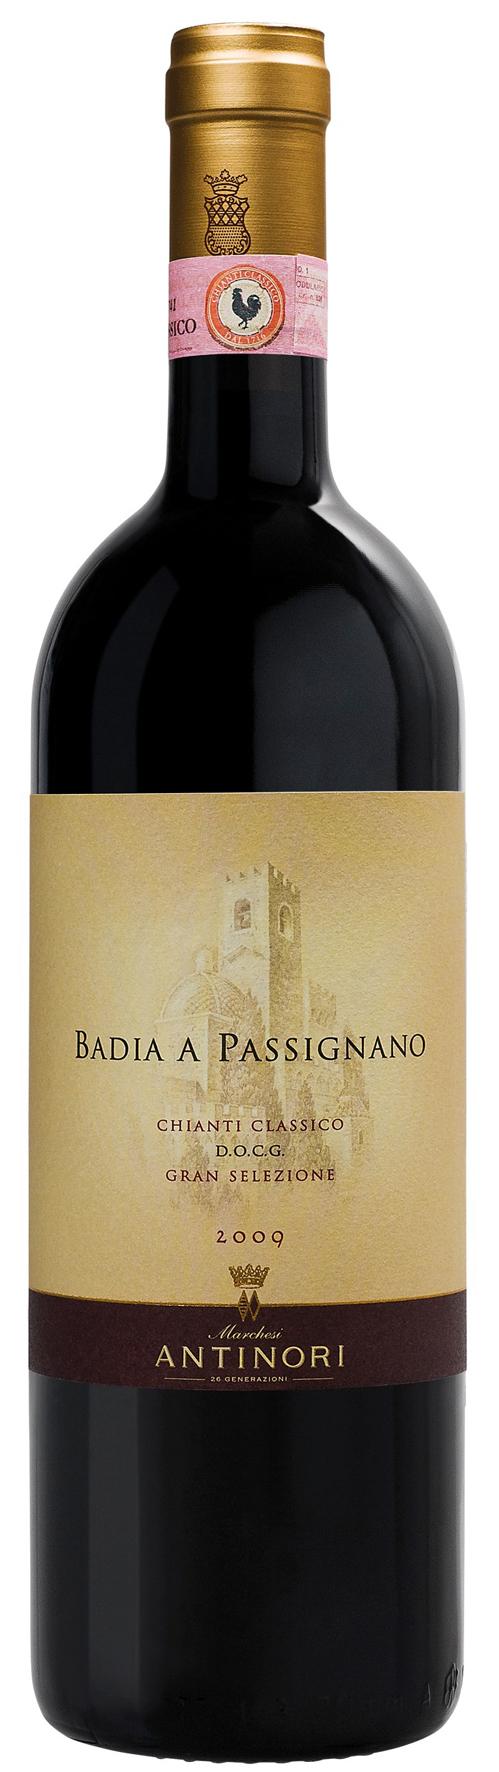 2012 Badia a Passignano - Chianti Classico DOCG Riserva Antinori